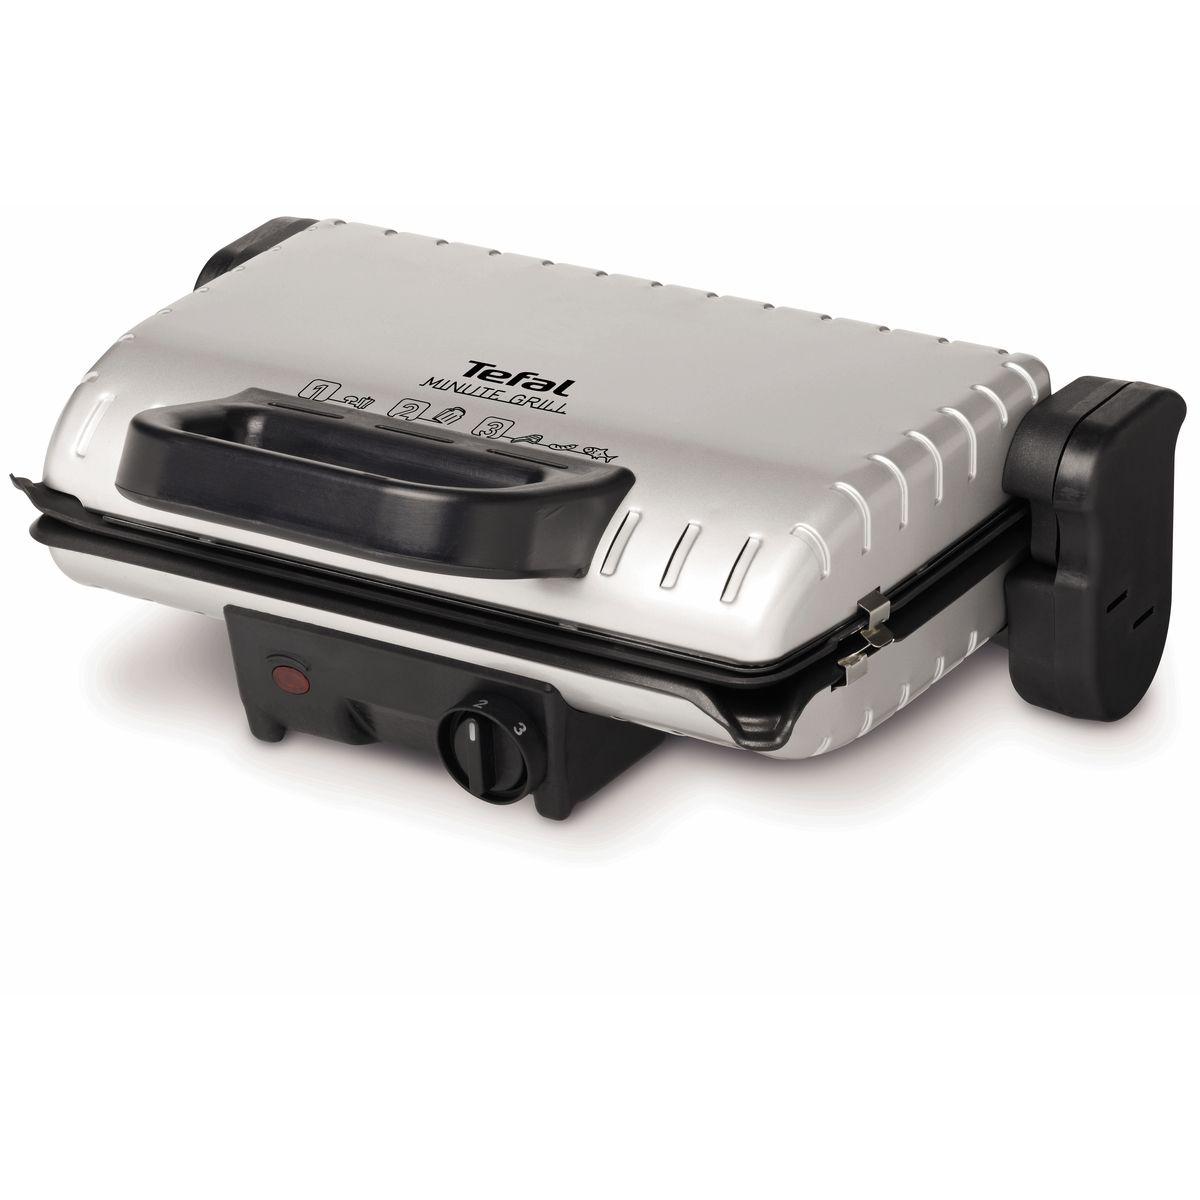 Grille-viande GC205012 Silver - 1600W, 2 positions de cuisson : Gril double face et Barbecue 180°